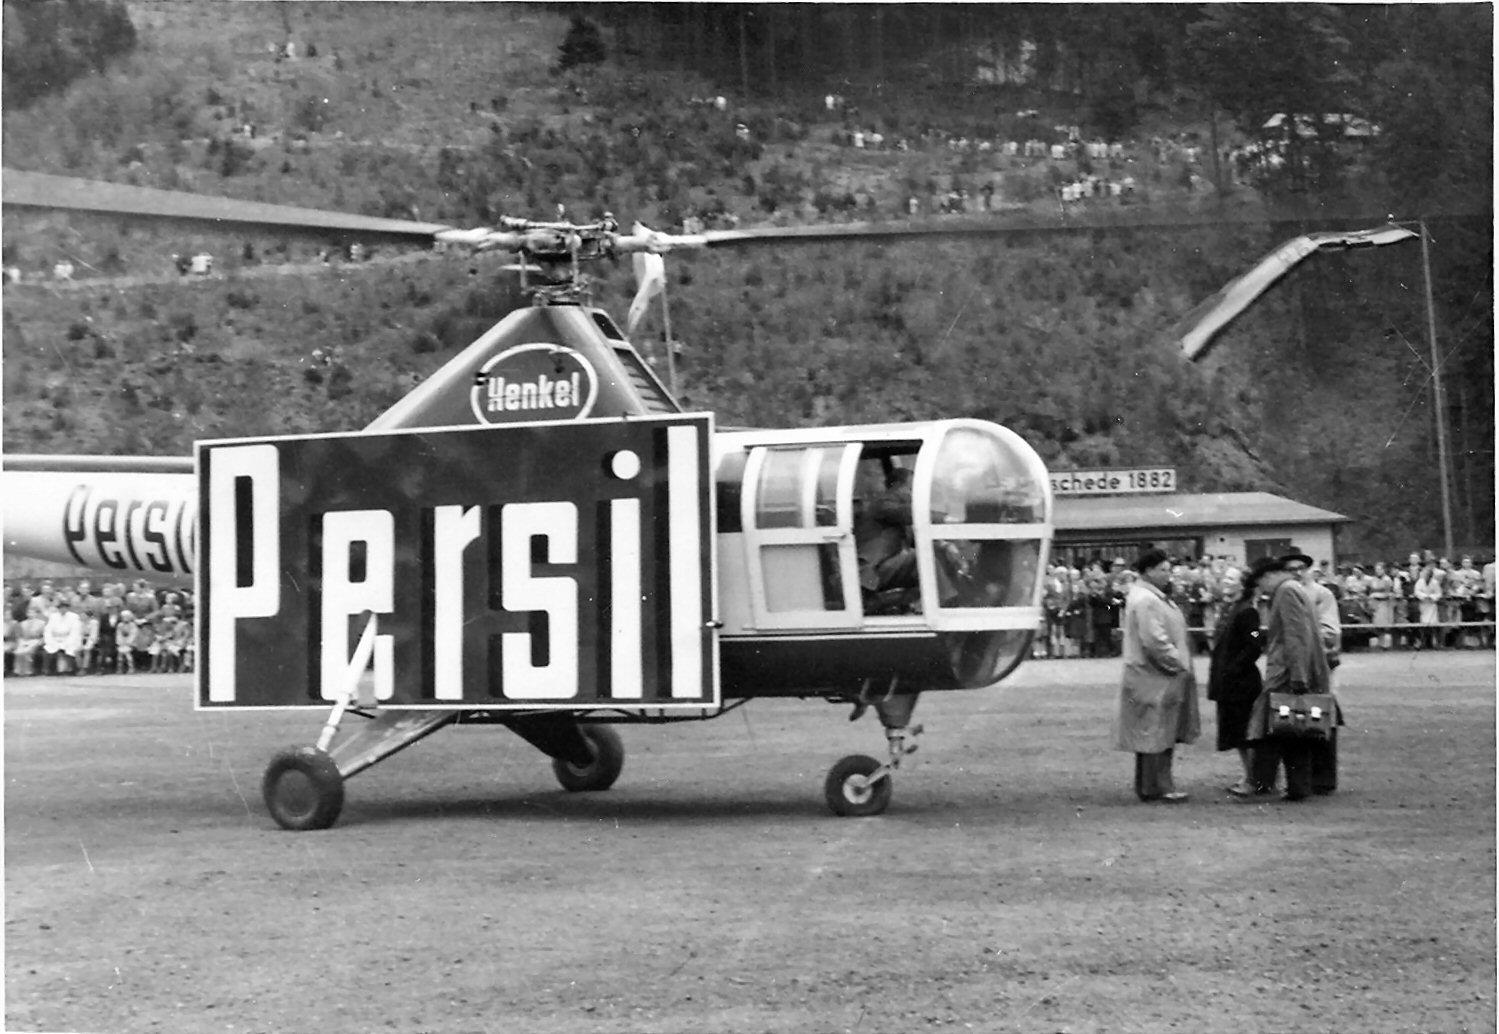 Flugzeugtaufe1954